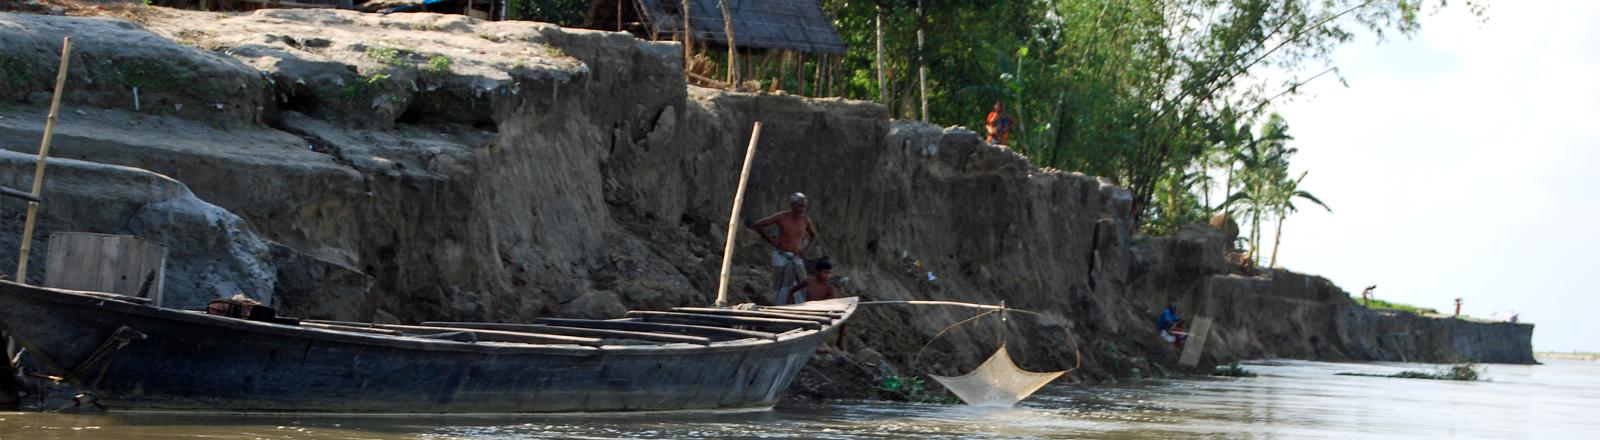 Von Monsum bedrohtes Dorf in Bangladesch.